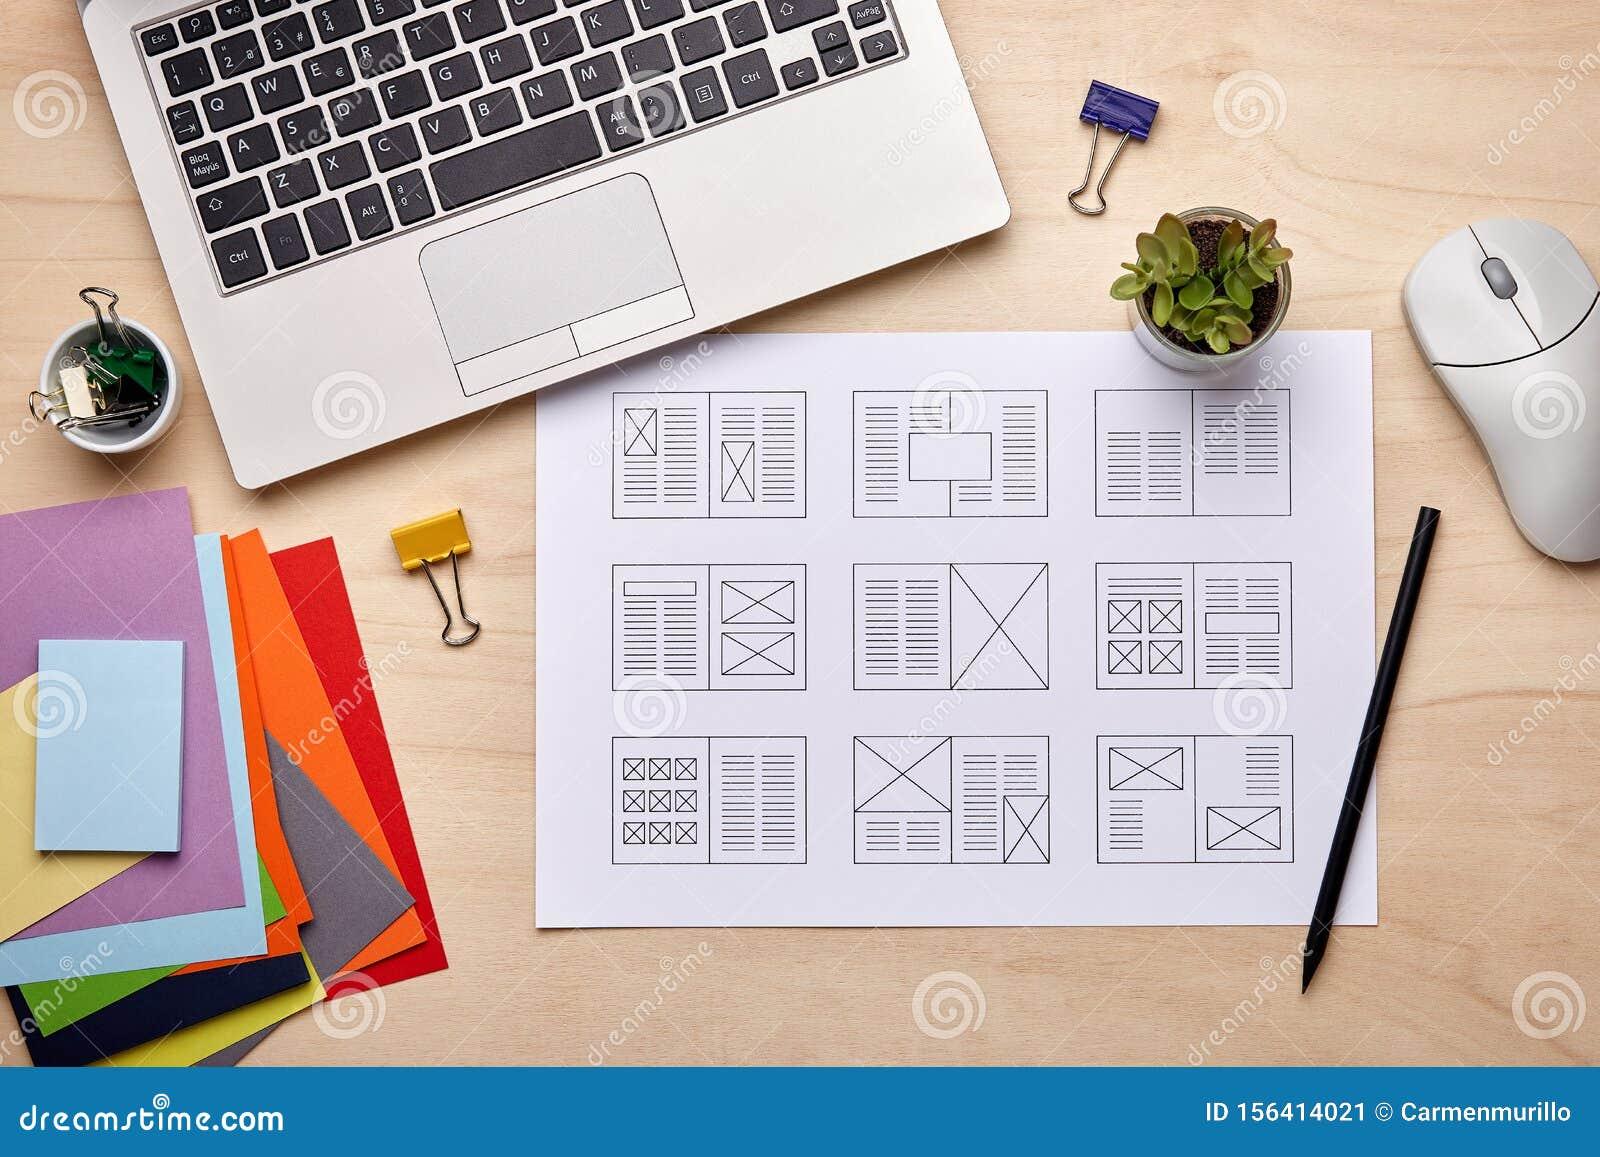 Image - Image As Designed - Boytoy magazine on desk in